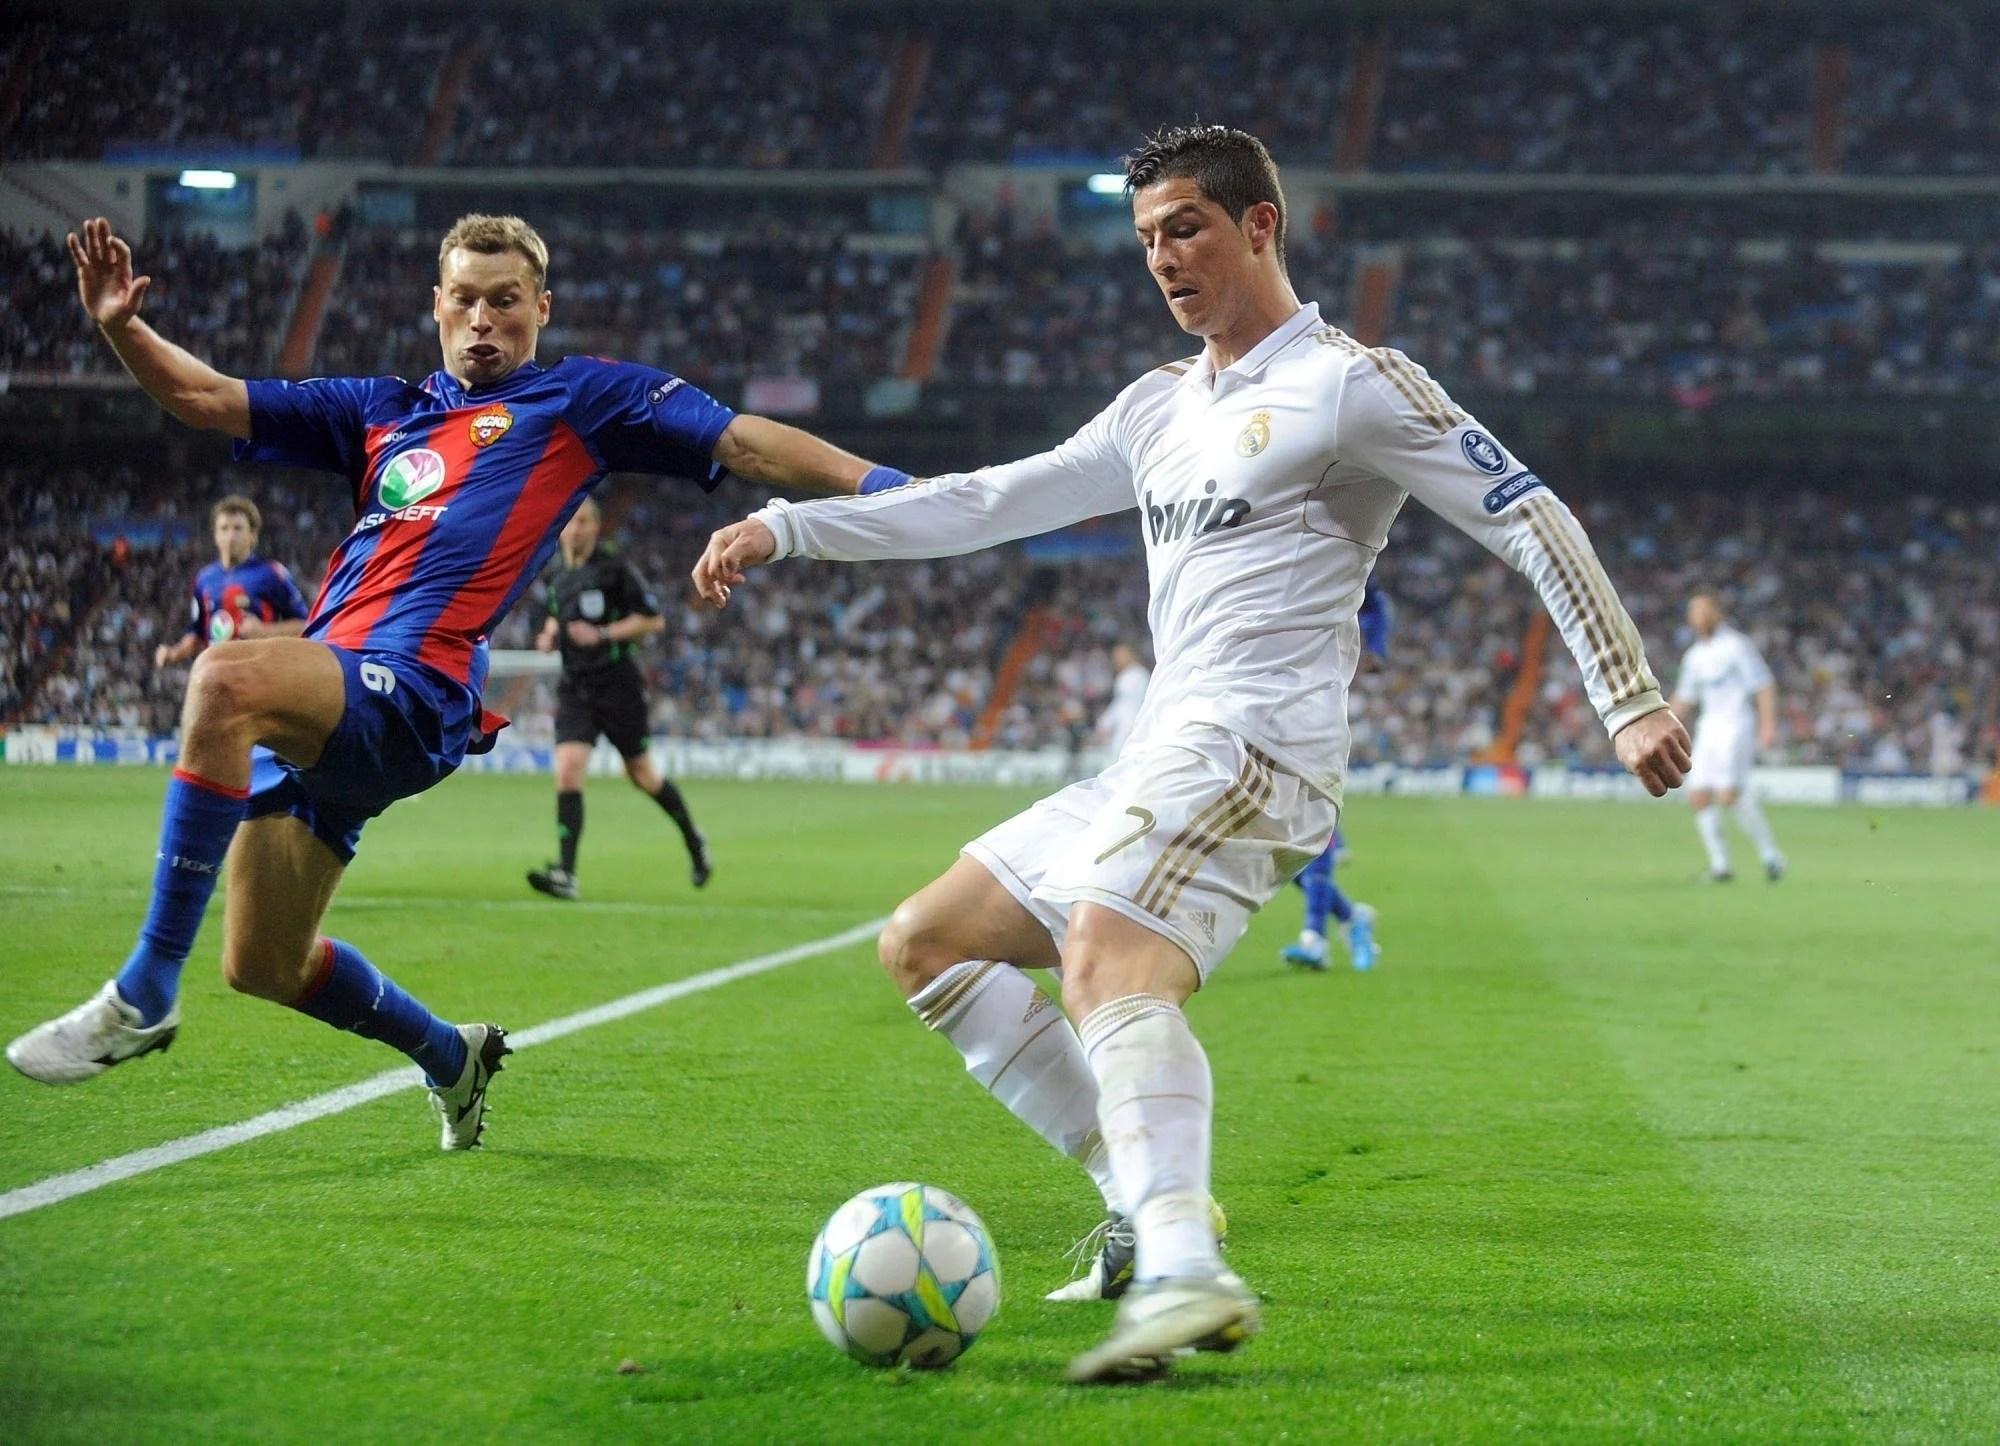 Реал Мадрид – Атлетико. Прогноз матча Примеры